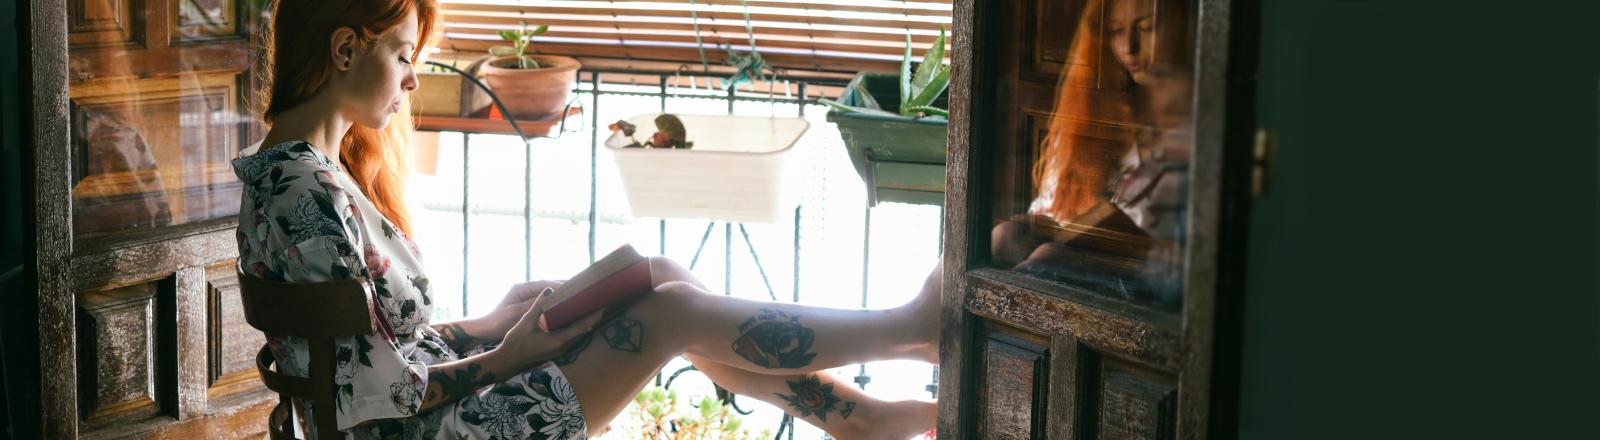 Frau sitzt alleine am Balkon und liest